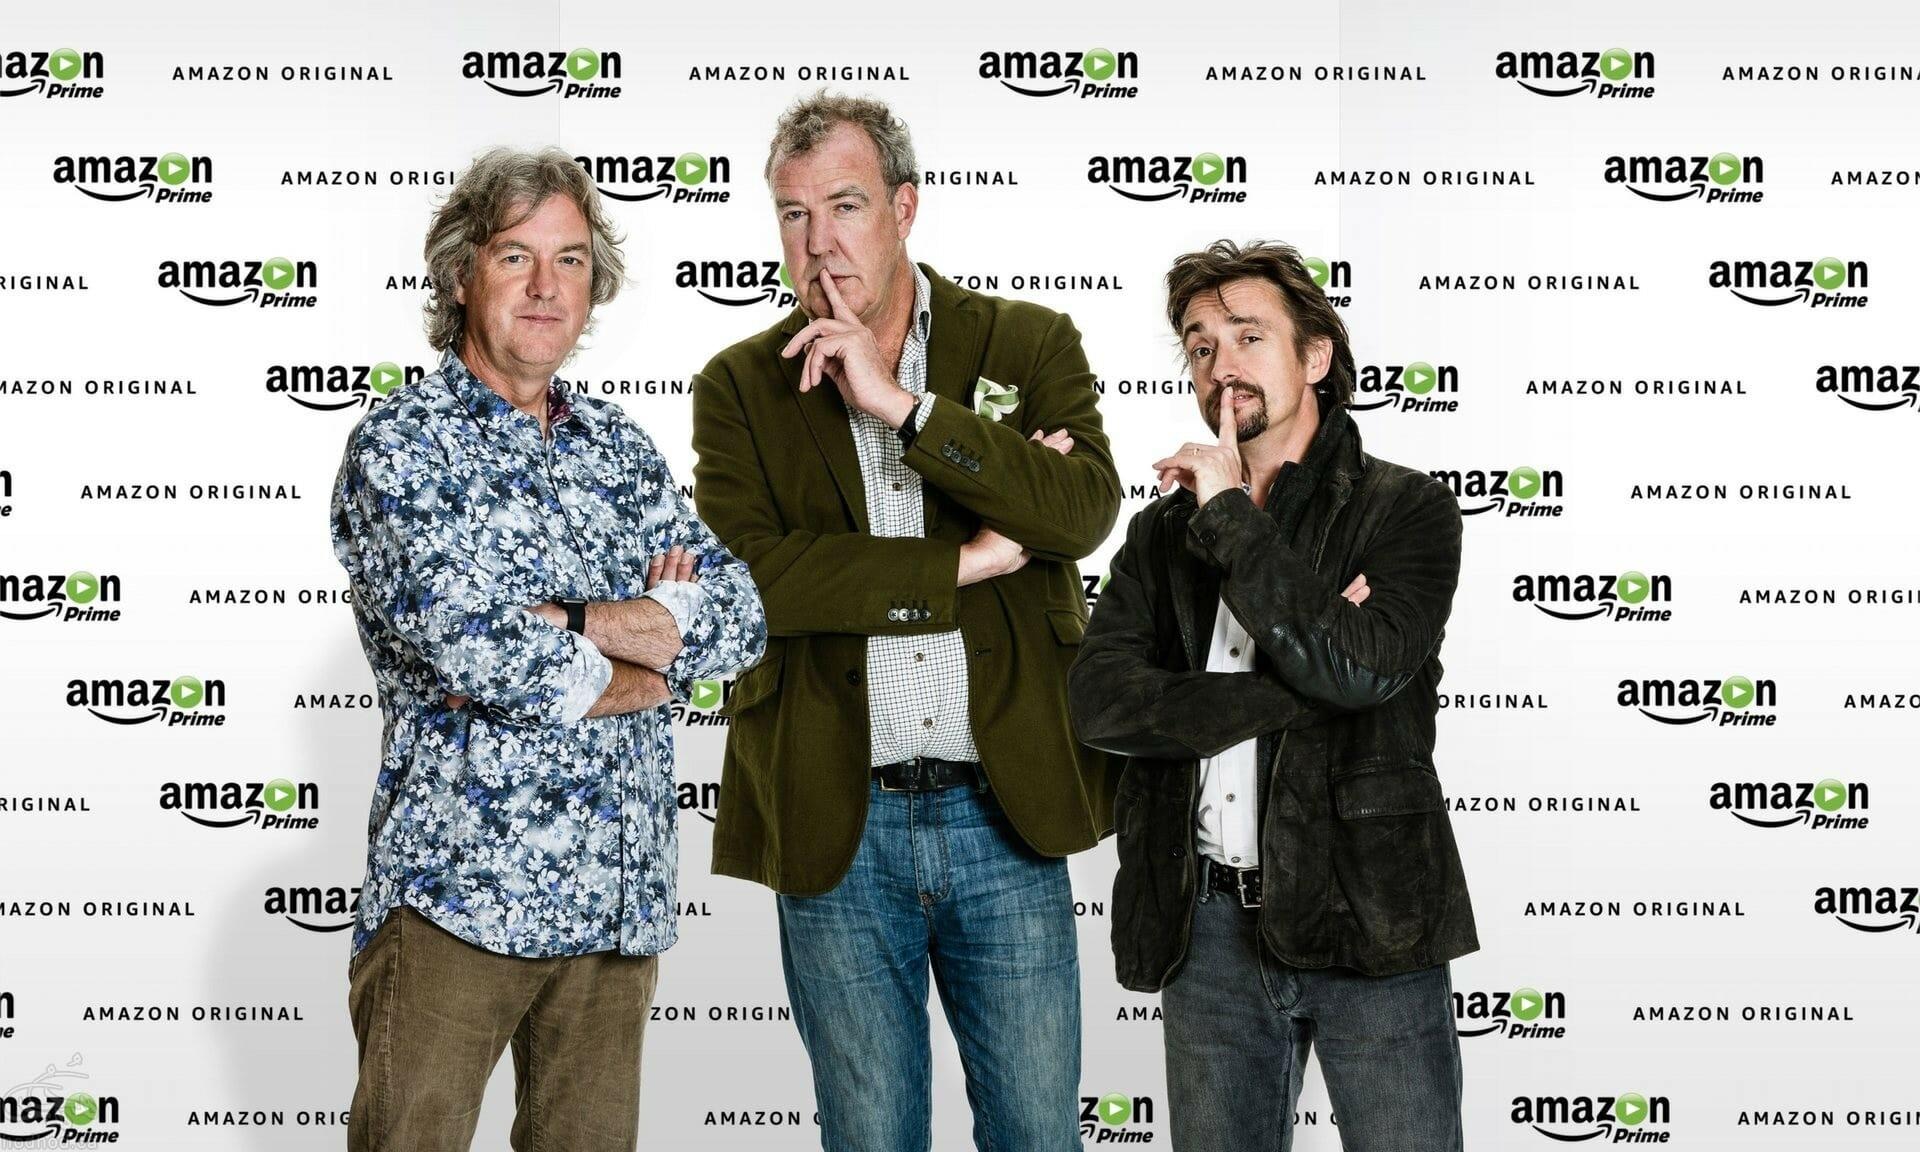 بازگشت پرشکوه بزرگان Top Gear این بار در کانال آمازون!